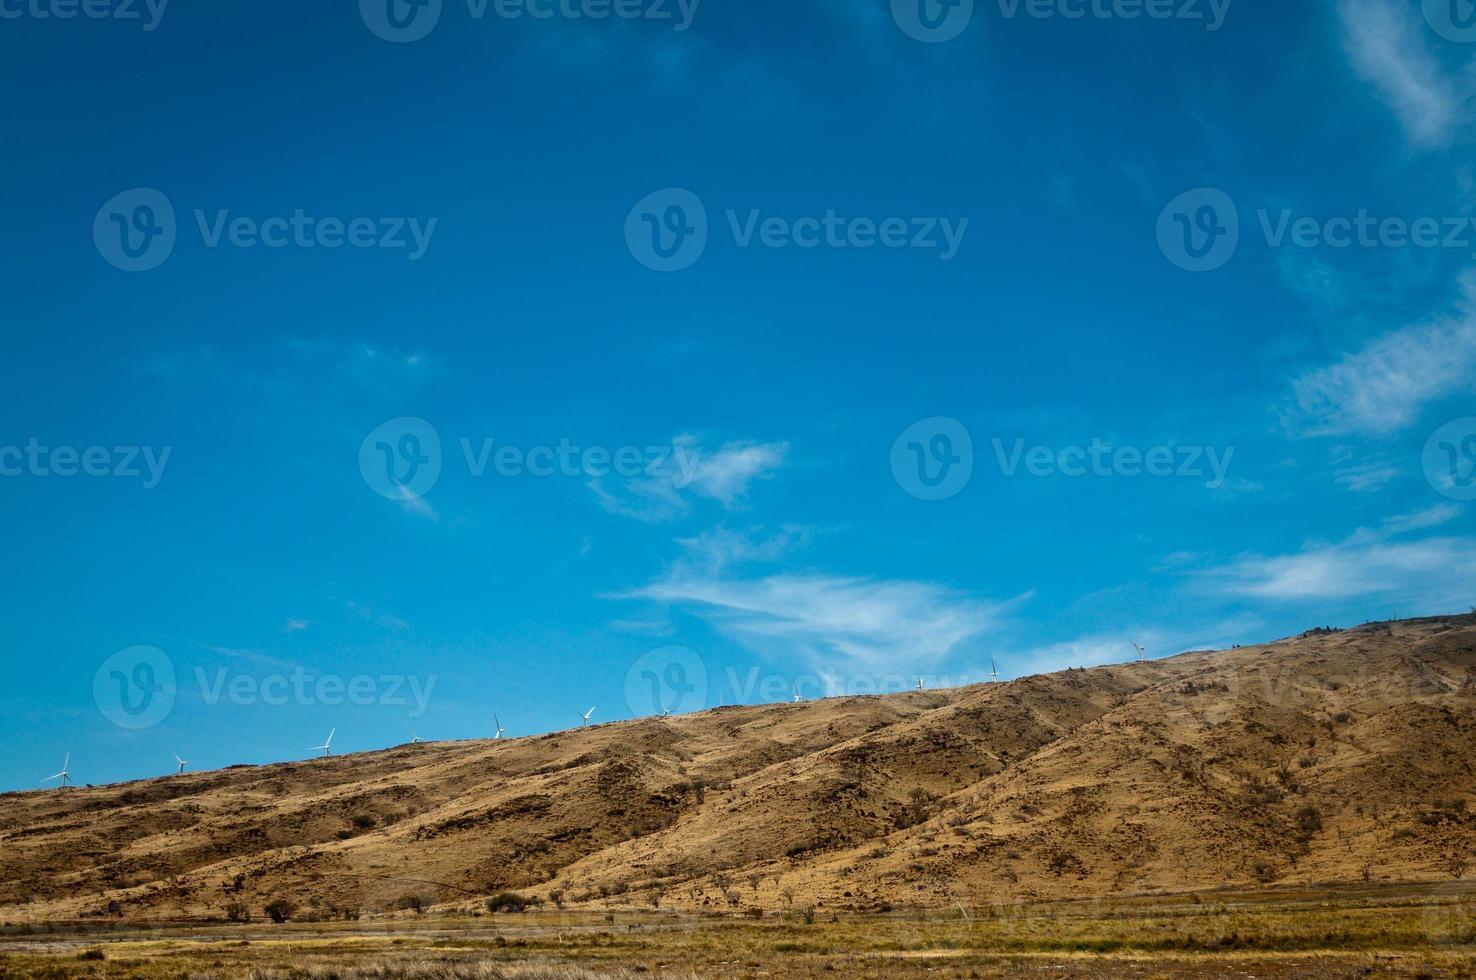 entfernte Windkraftanlagen auf einem trockenen Hügel foto